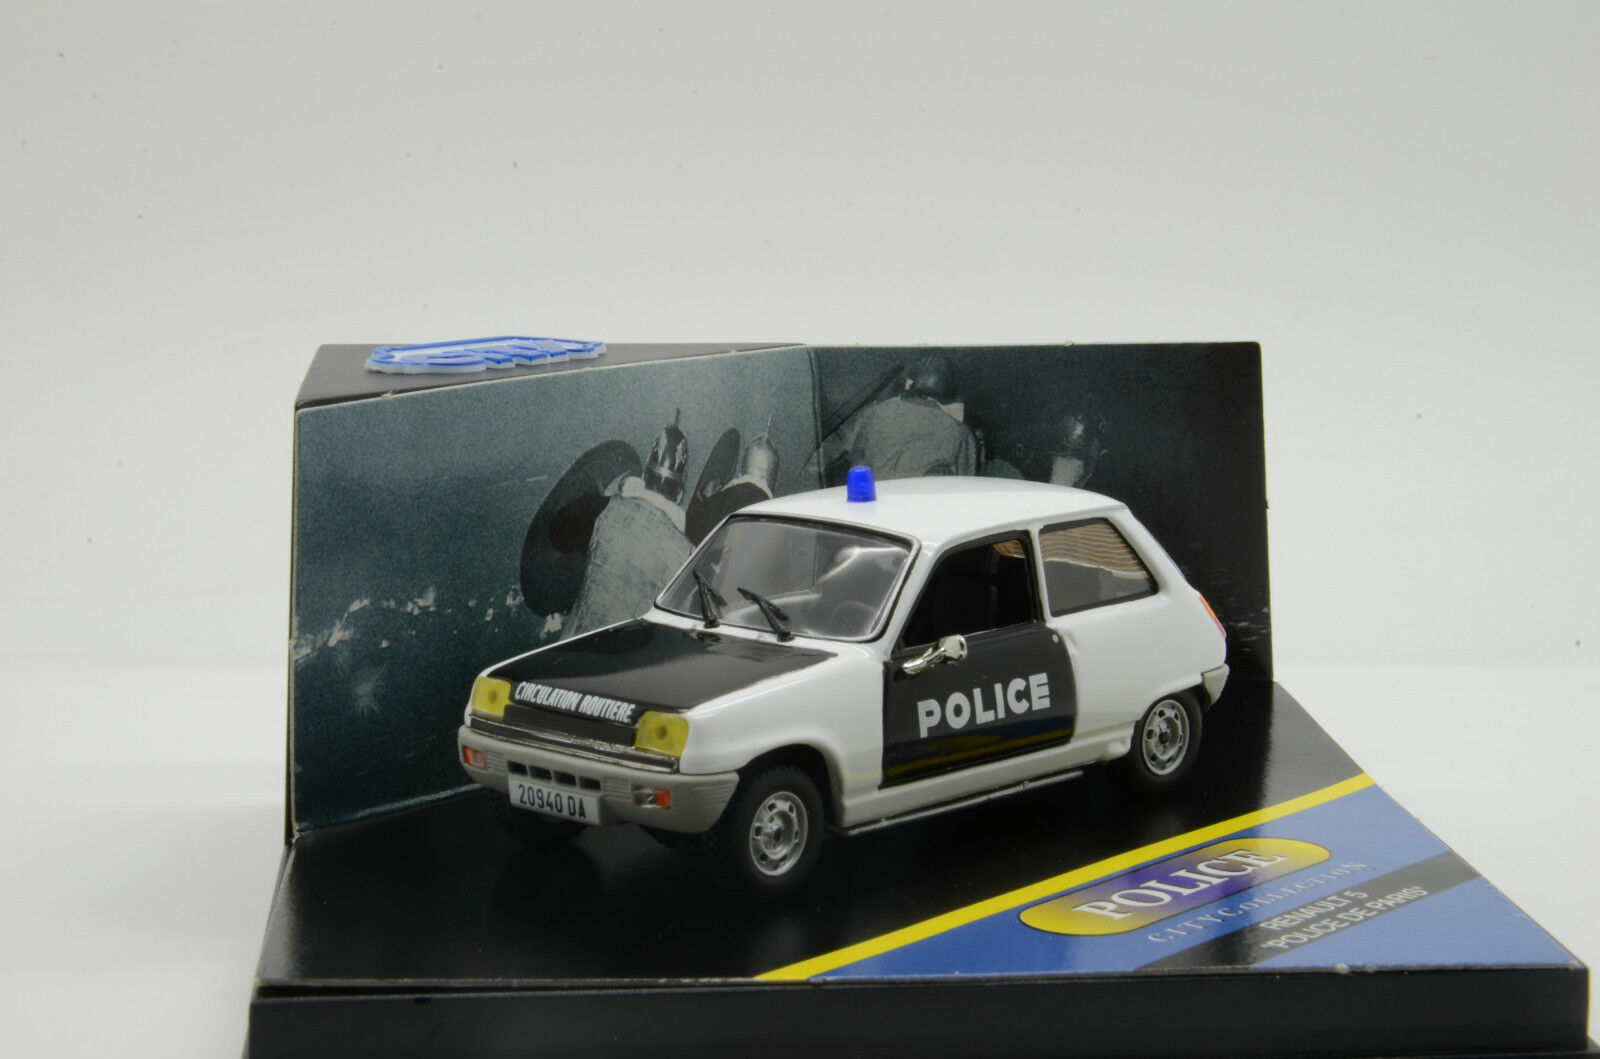 autentico en linea Raro     Renault 5 Ts policía de Paris Vitesse Ciudad cpc99001 1 43  nuevo listado